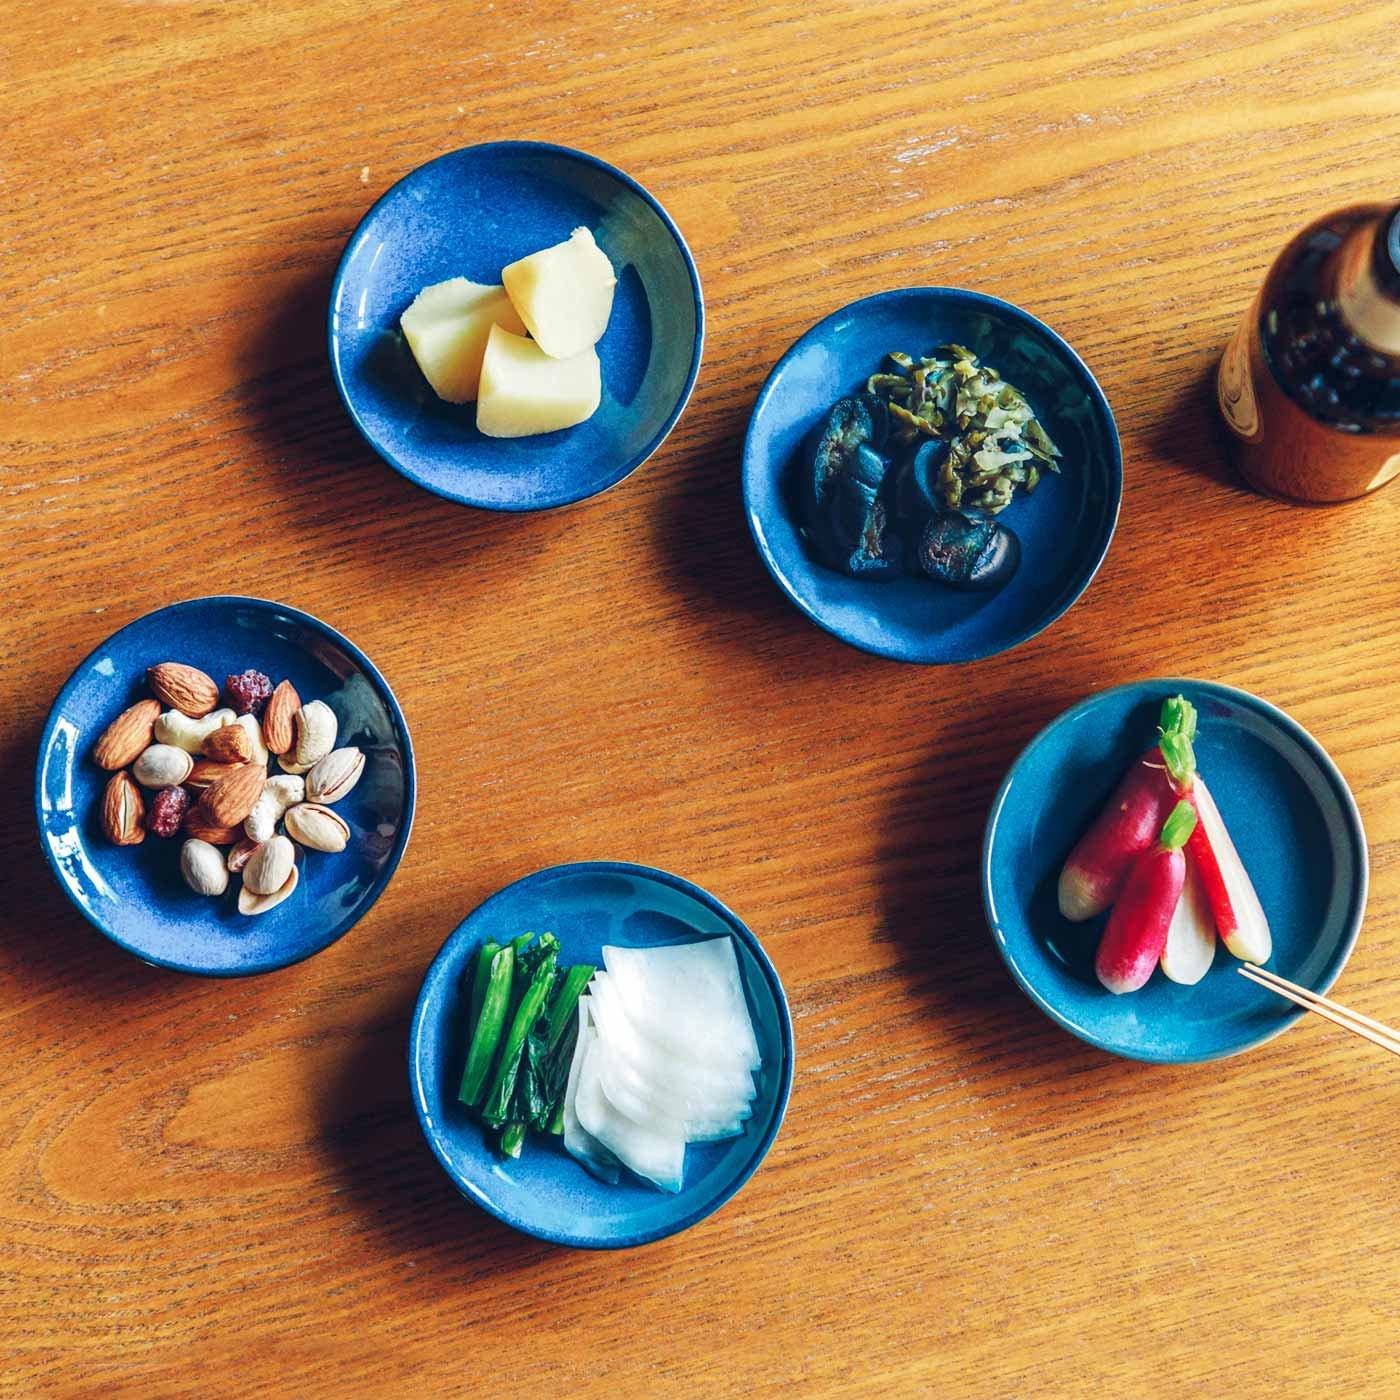 味わい深い青のボーイッシュ小皿の会